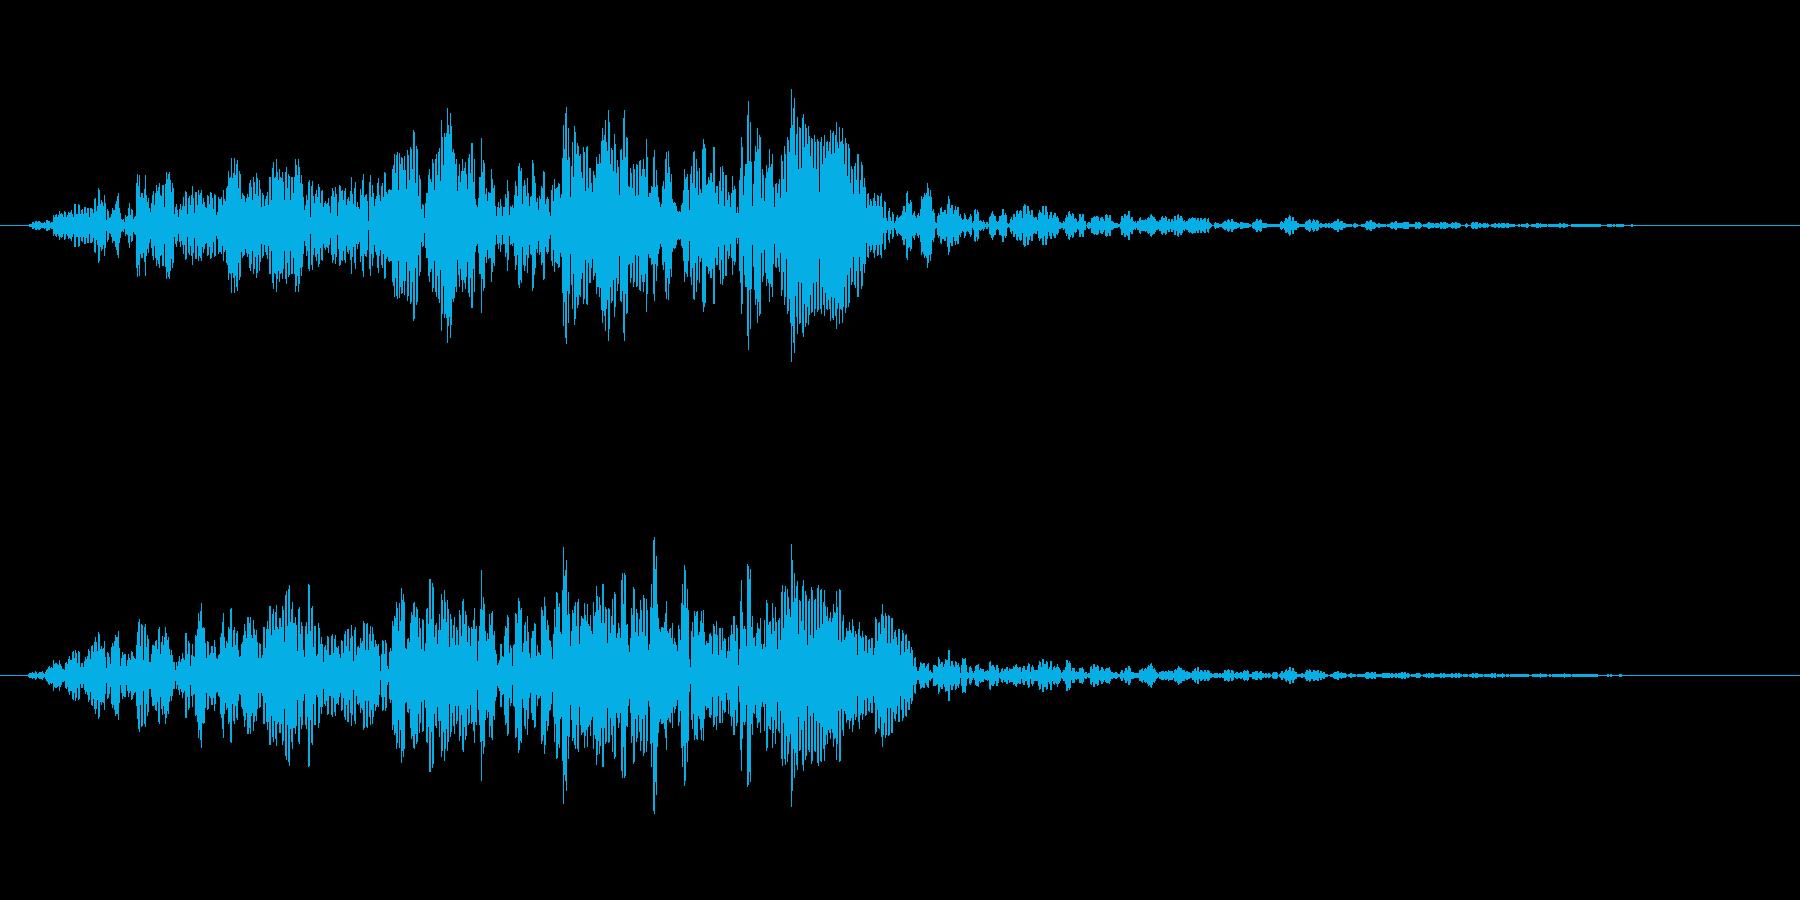 「和太鼓の連打」「ドラムロール」の再生済みの波形